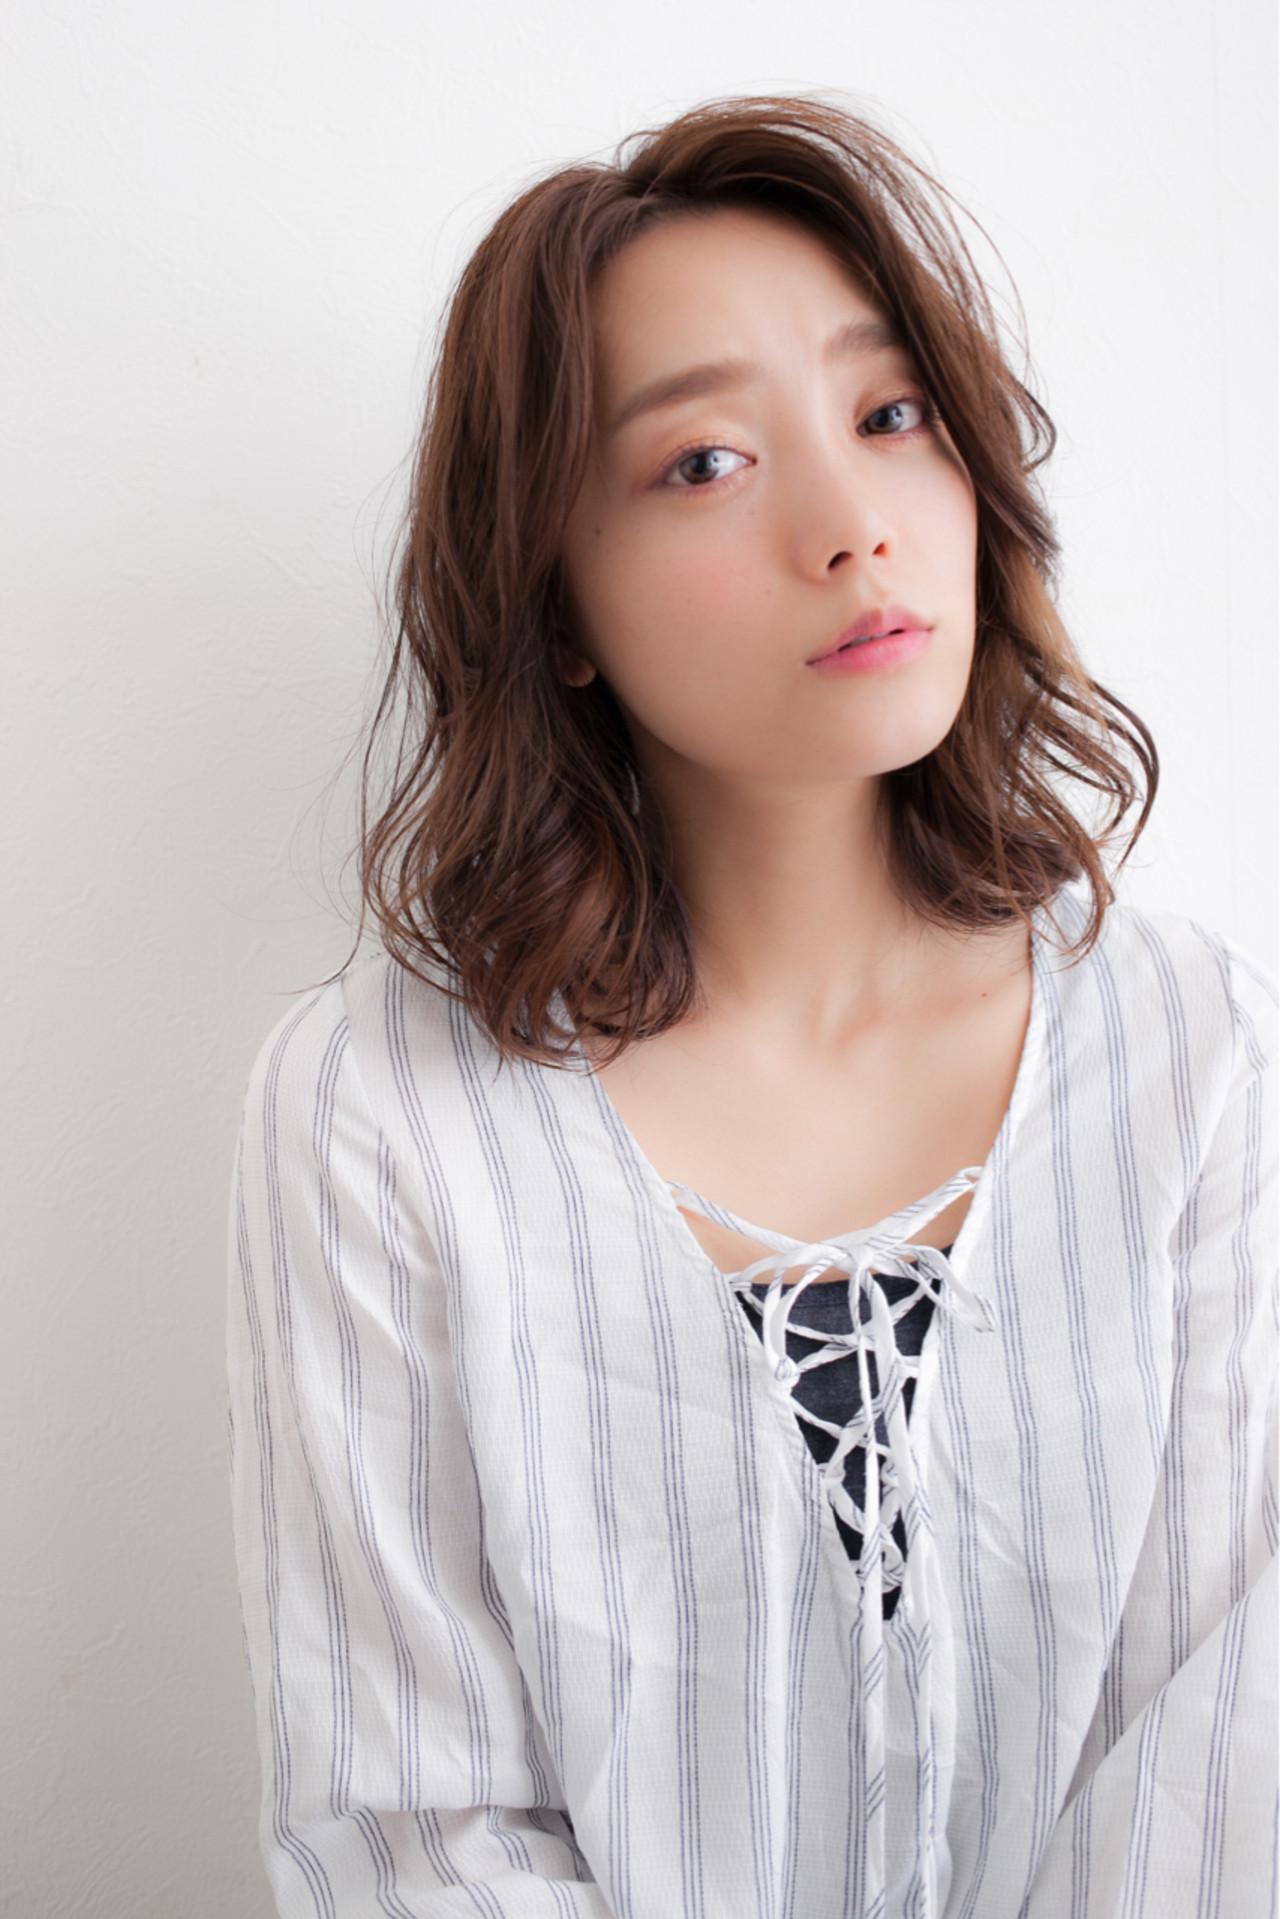 アッシュ 前髪あり ミディアム ゆるふわ ヘアスタイルや髪型の写真・画像 | 高田 紘希 / Rr hair salon